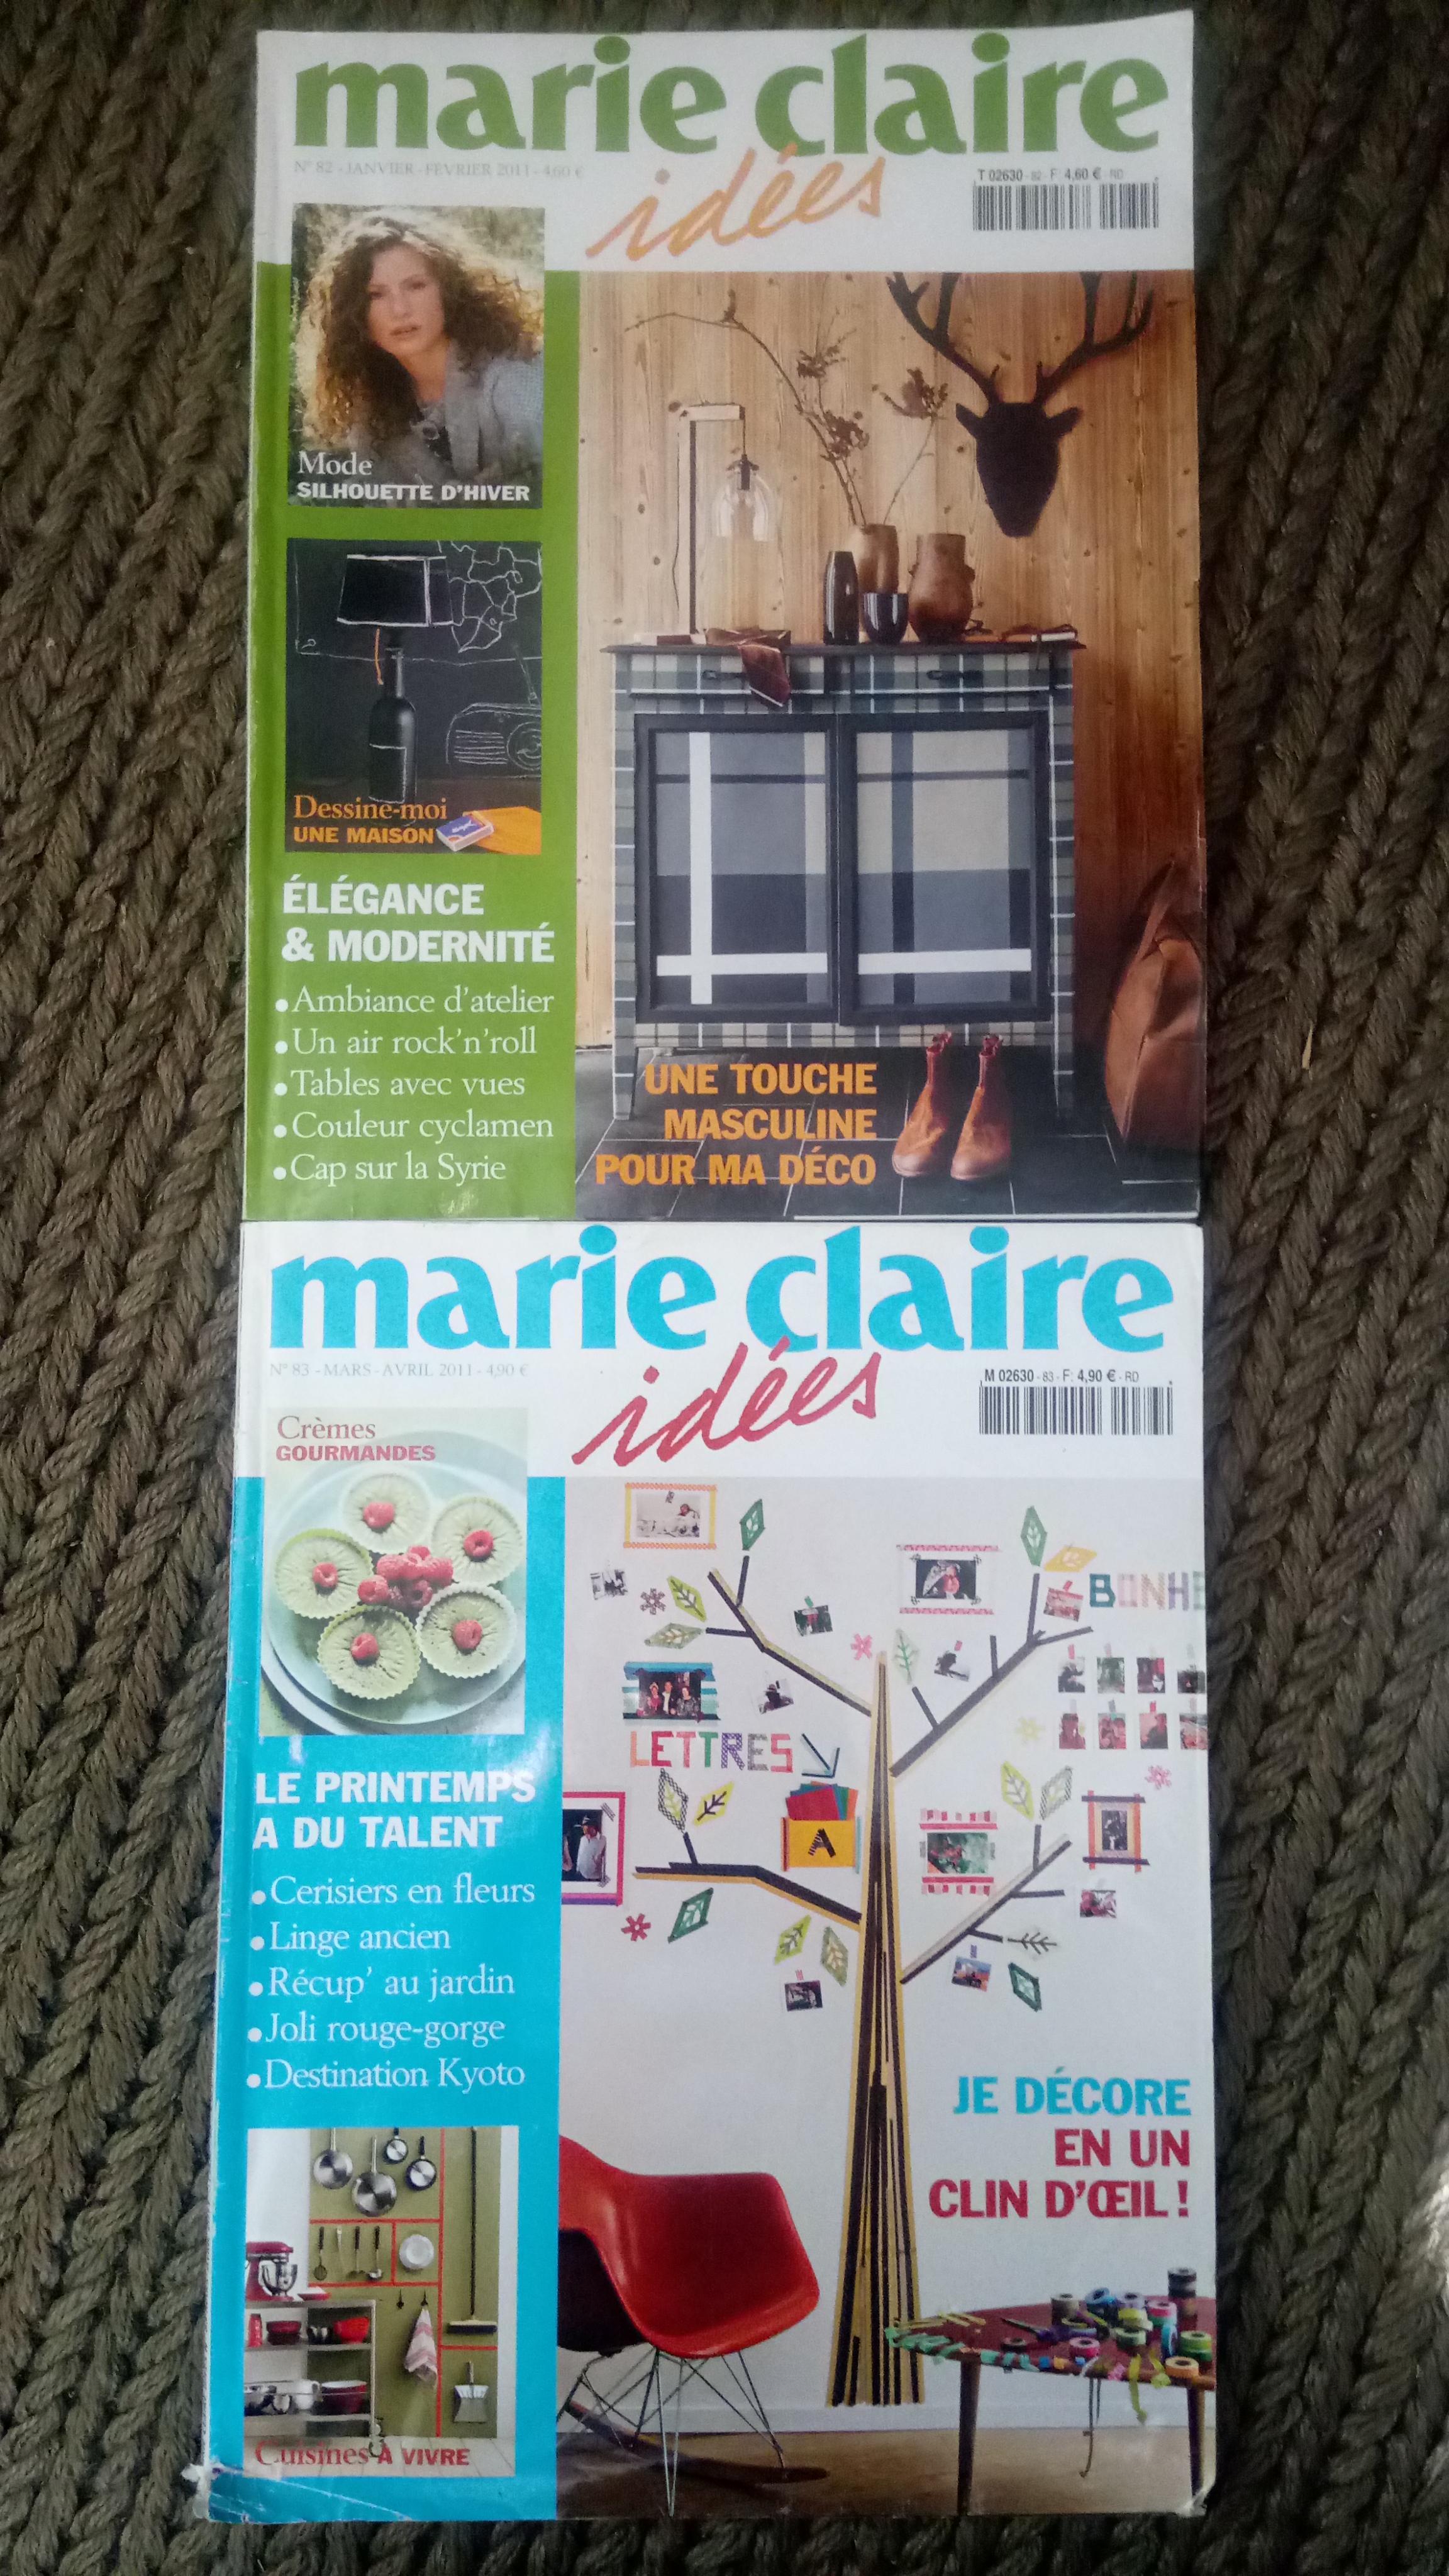 Marie Claire Maison Jardin Recup troc magasine marie claire idées